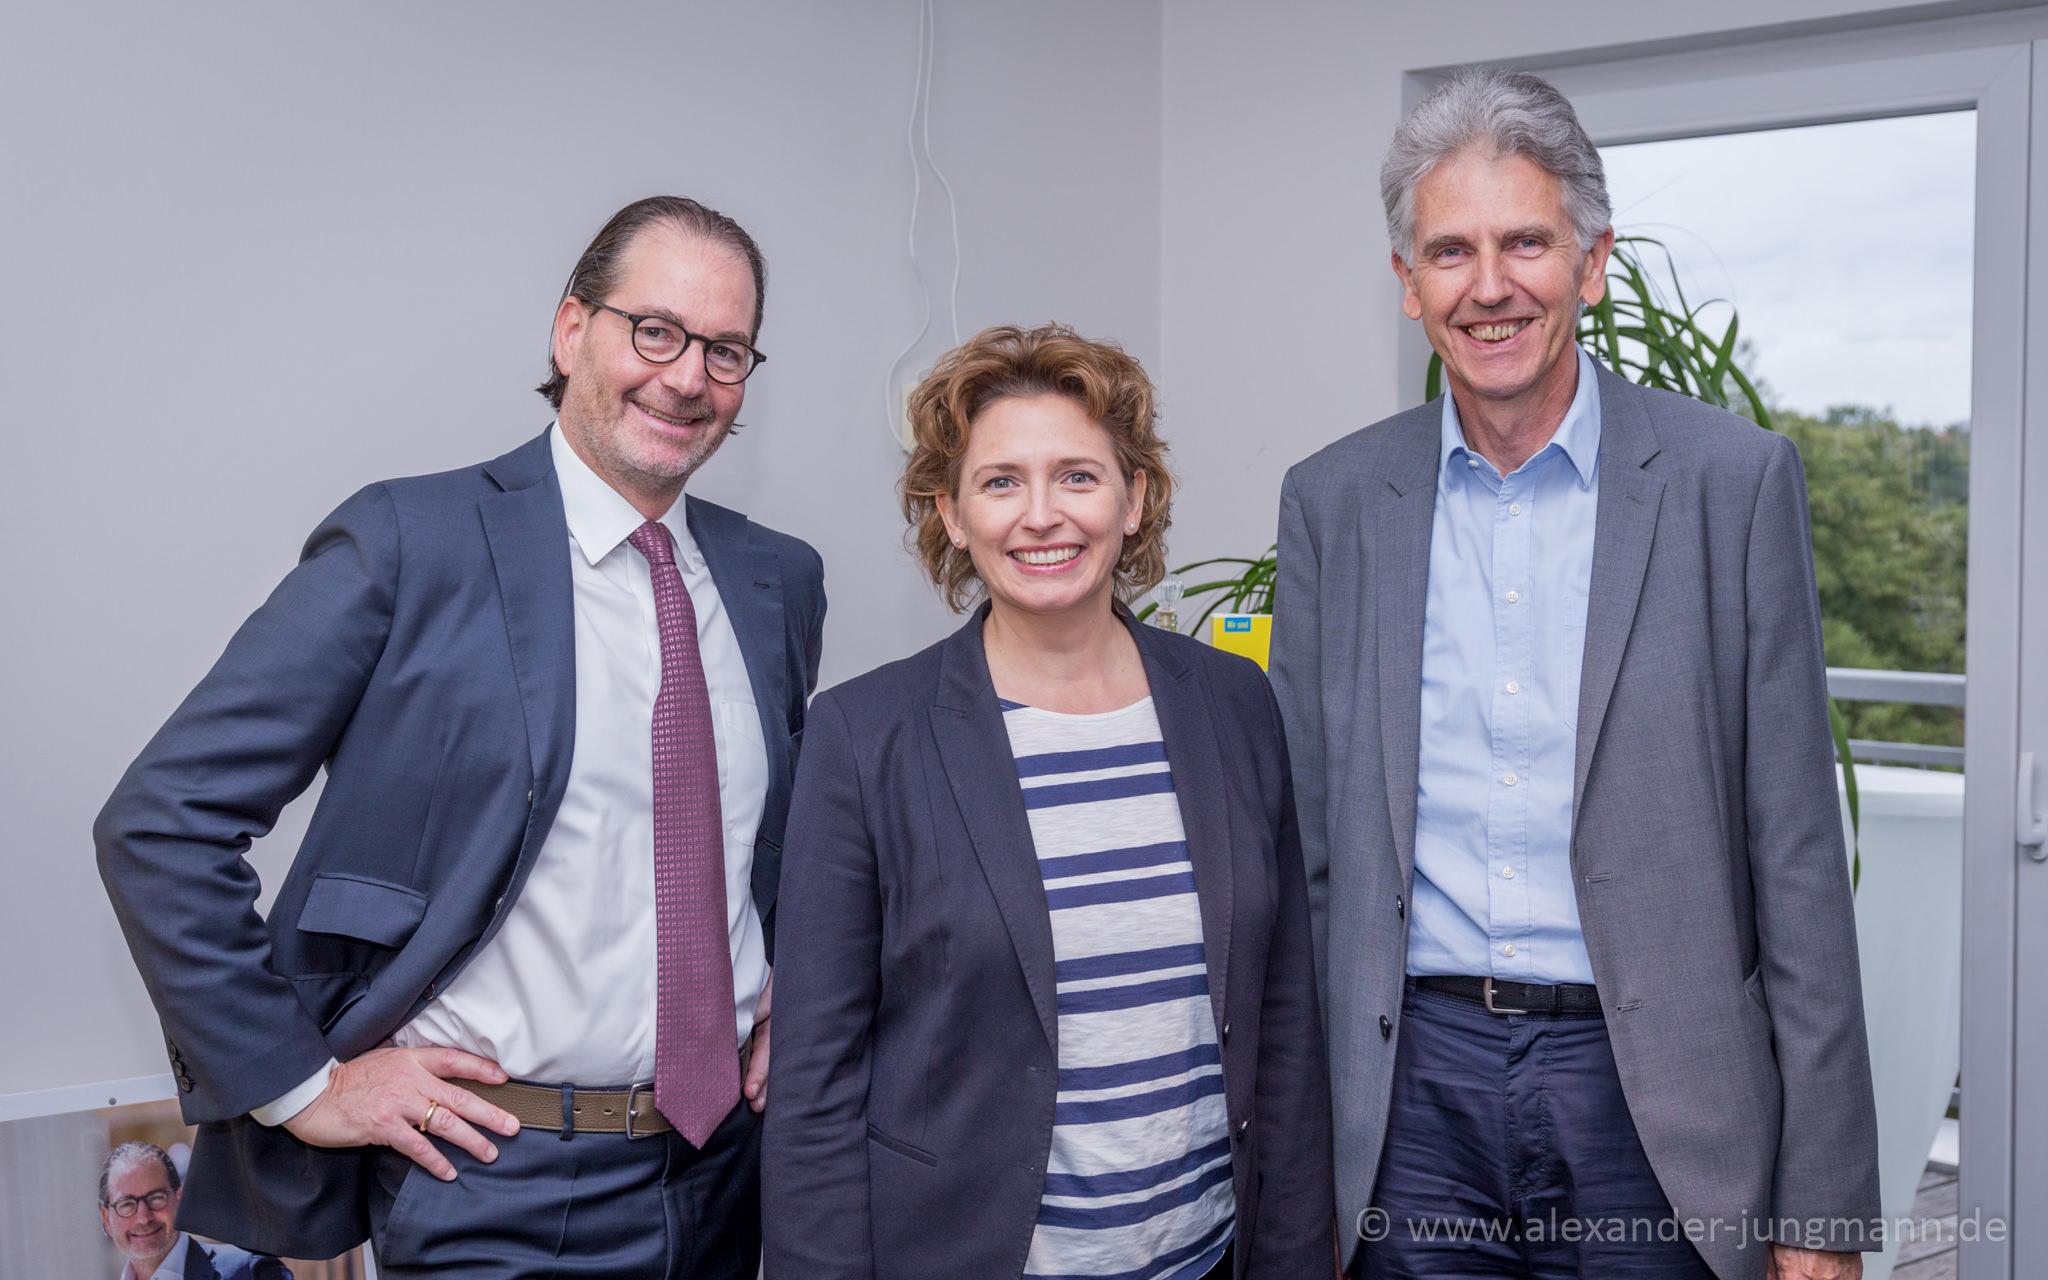 Nicola Beer, umrahmt von Ernestos Varvaroussis (links) und Uwe Klein (rechts).